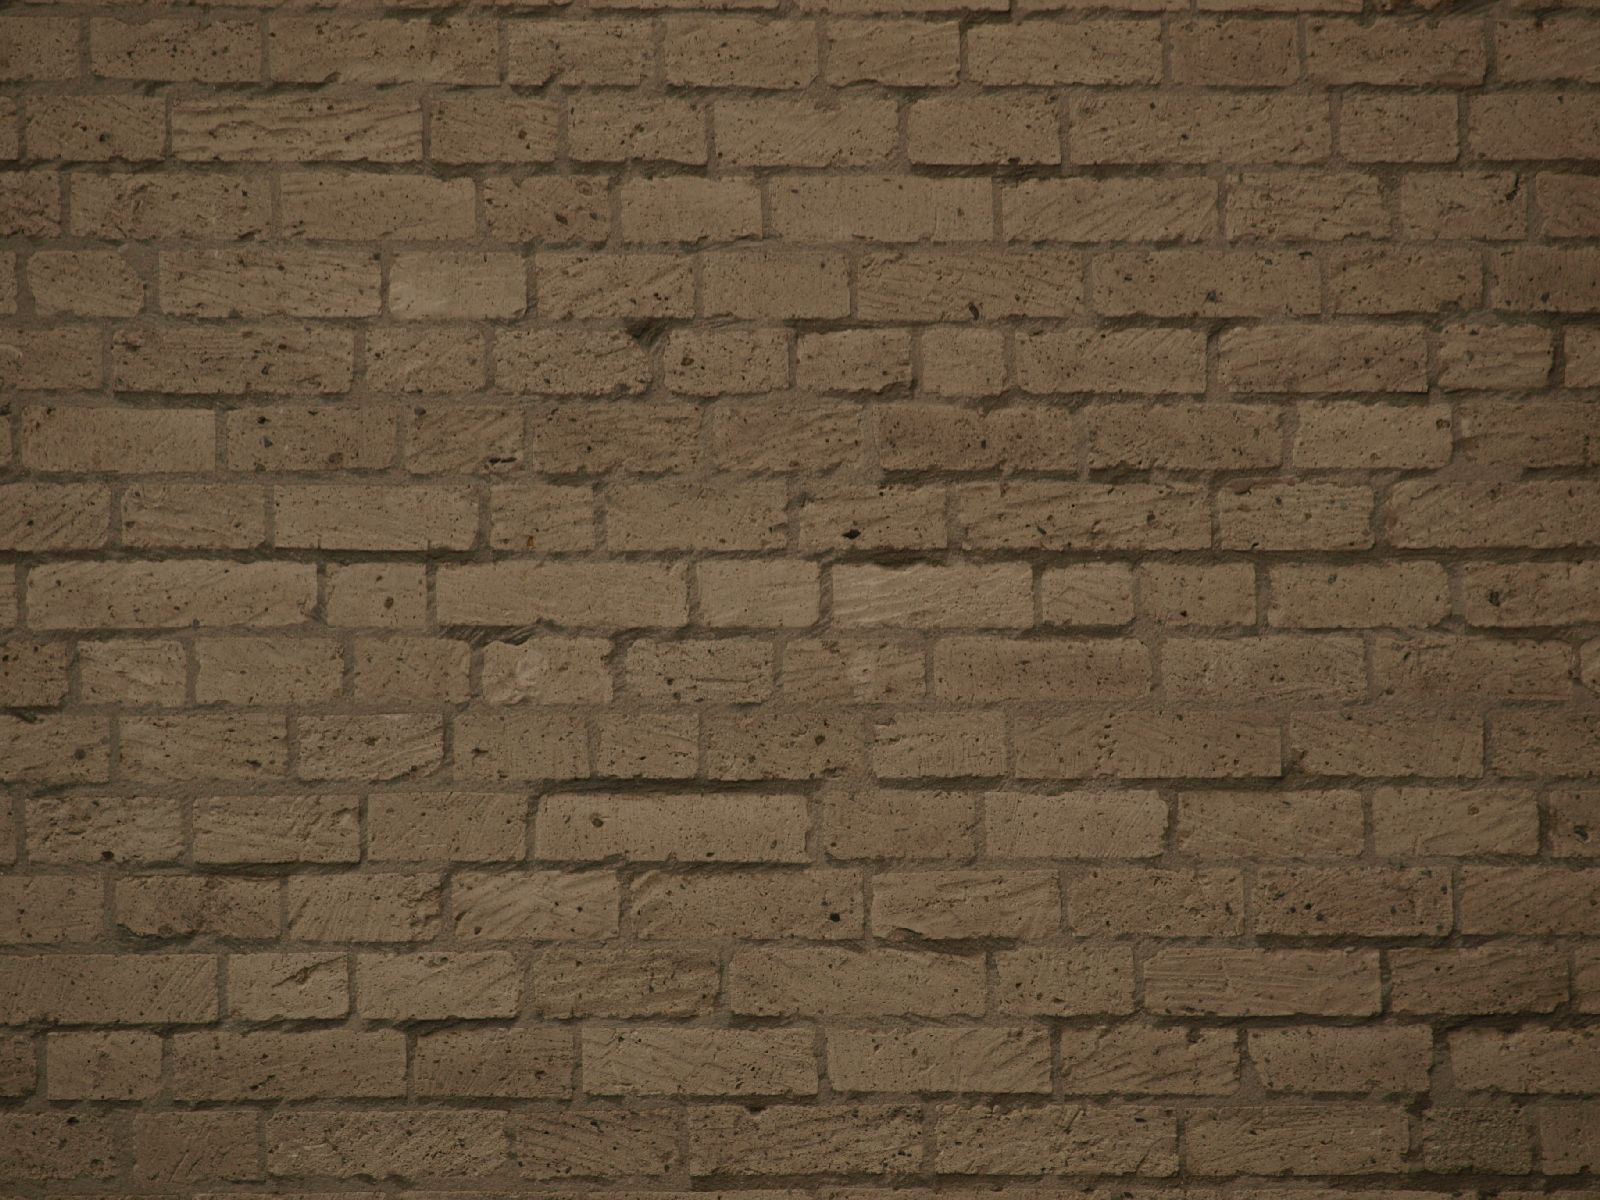 Brick_Texture_A_P6218109